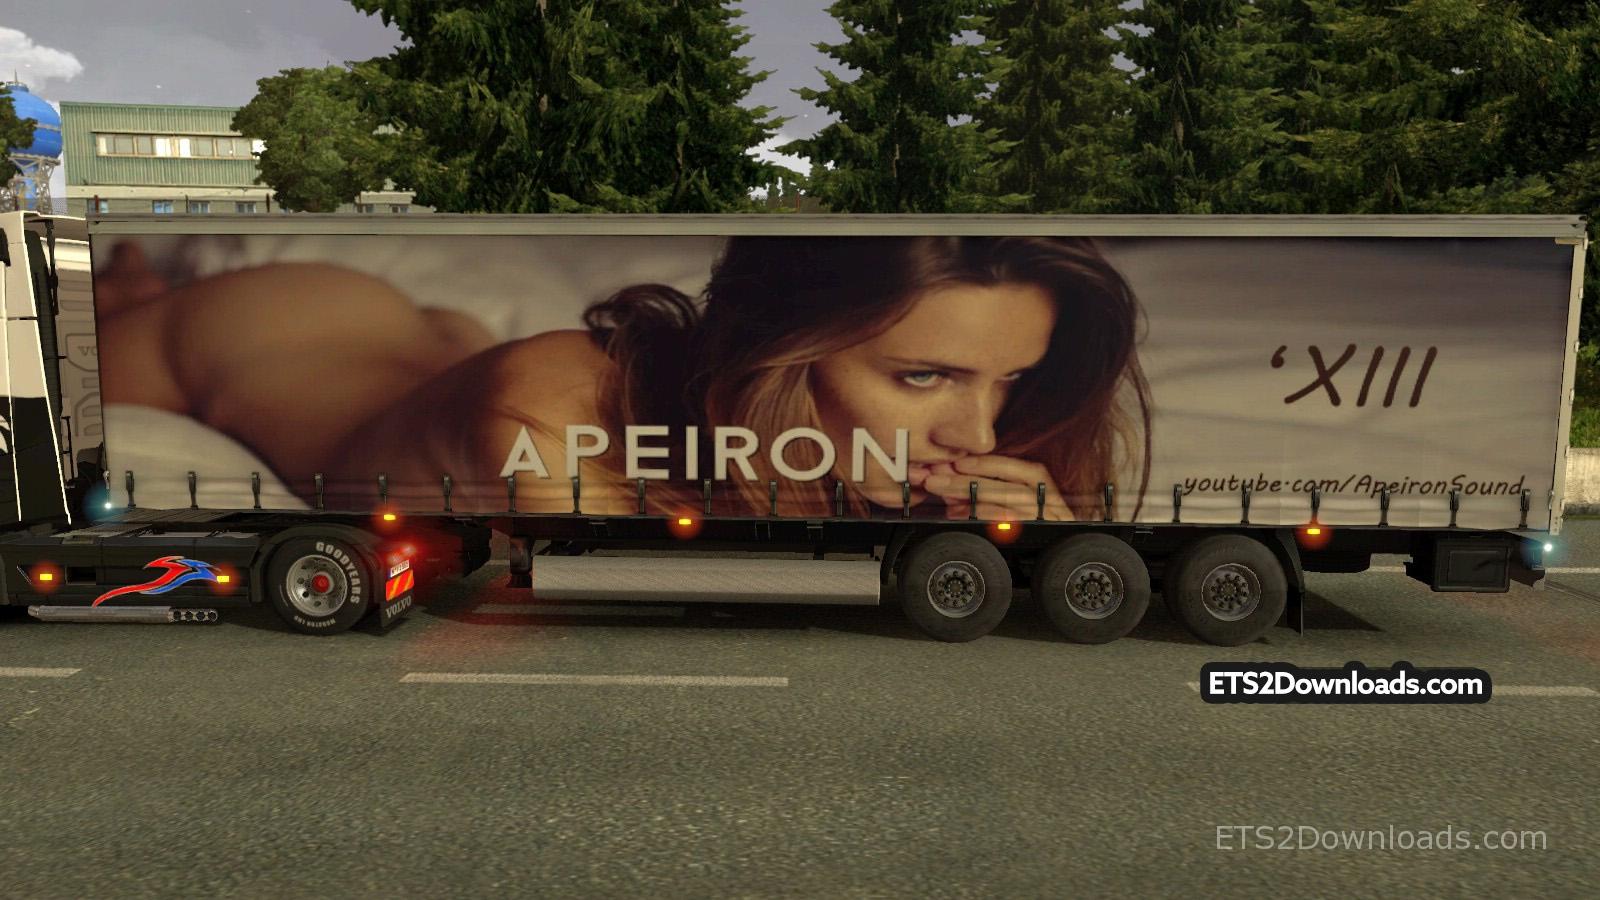 apeiron-trailer